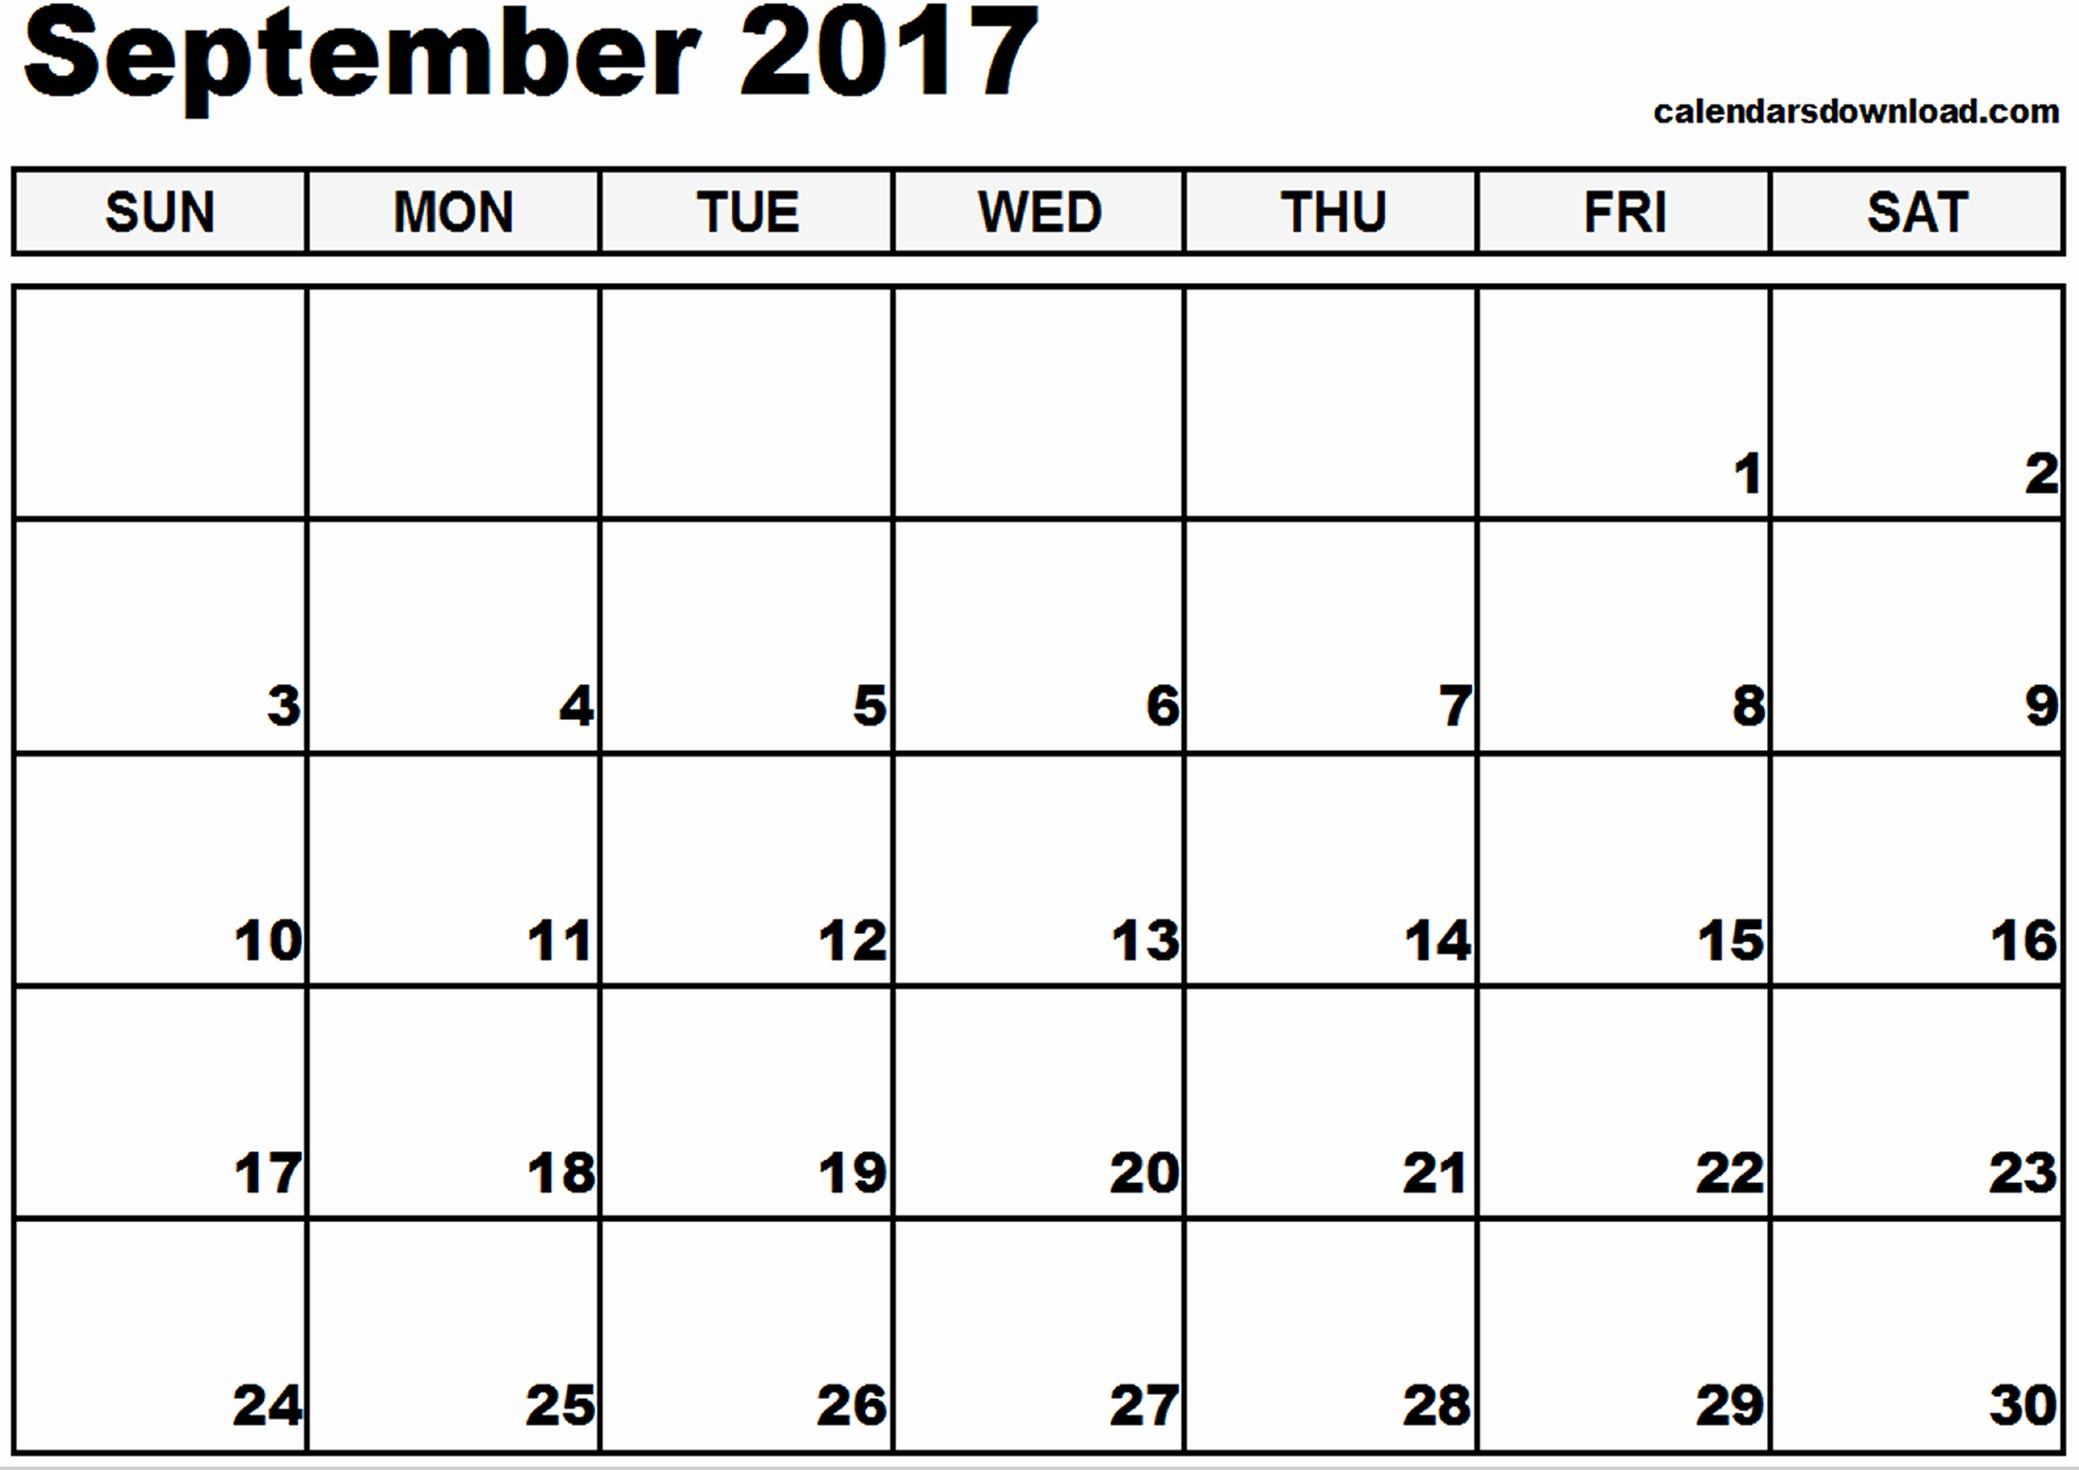 September 2017 Printable Calendar Word Elegant September 2017 Calendar